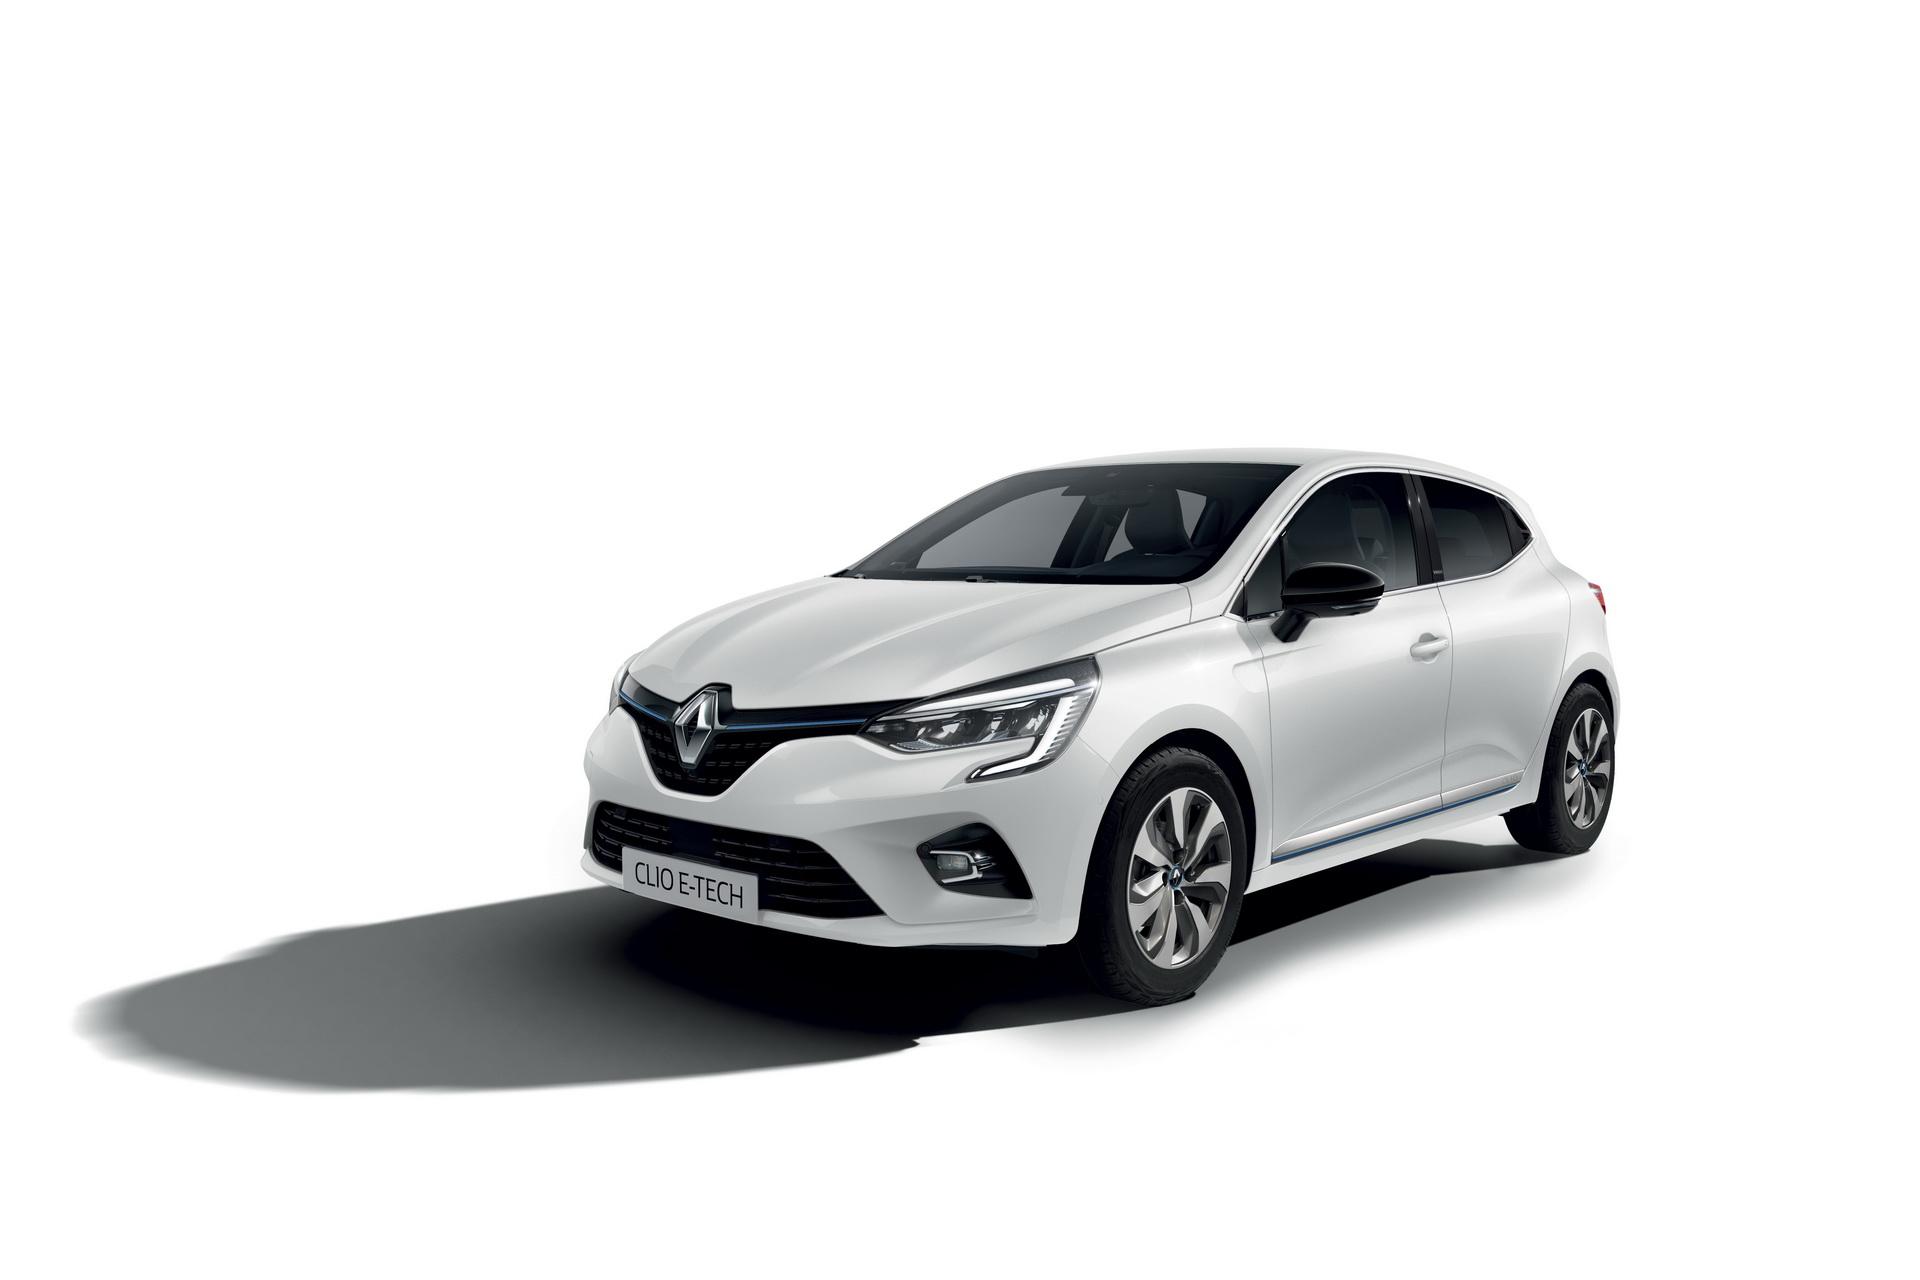 Најпродаваниот автомобил во Европа во мај не бил кросовер / SUV модел